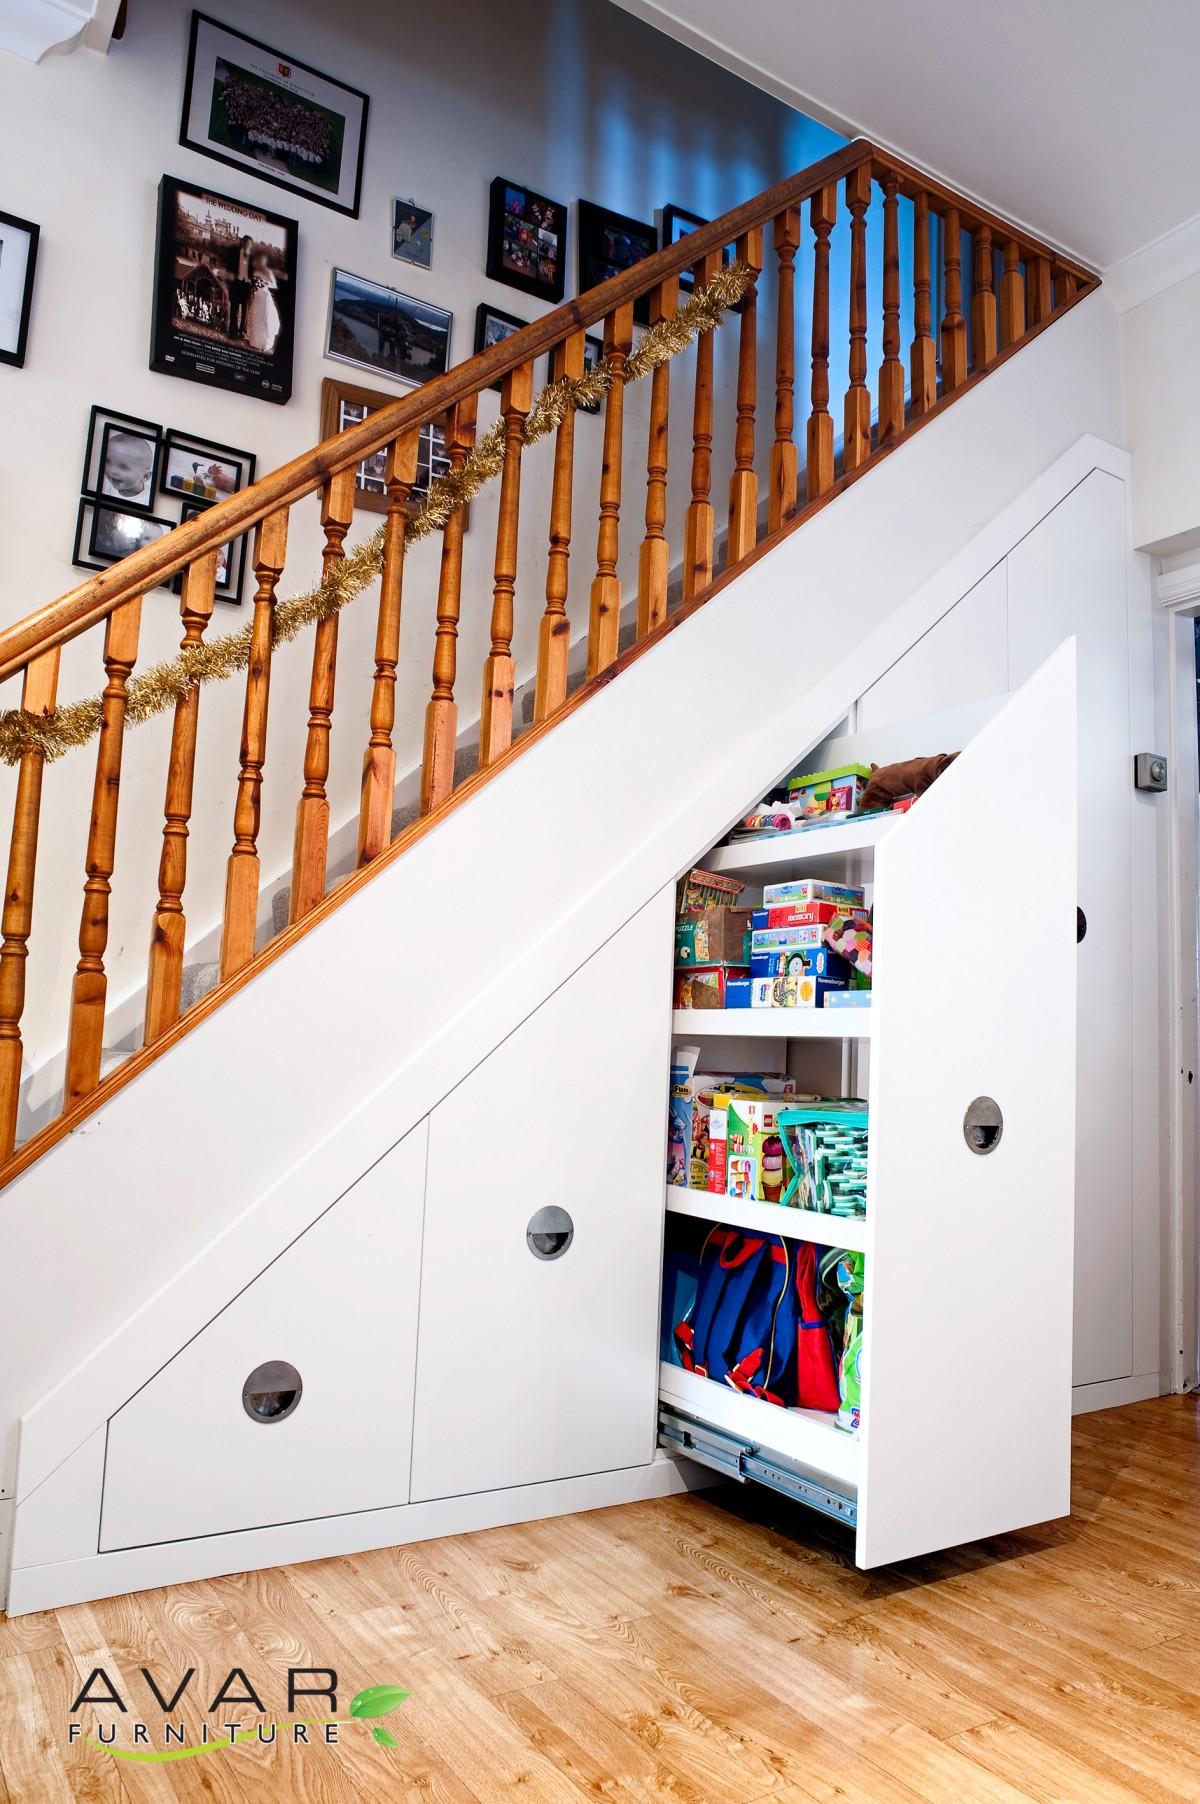 ƸӜƷ Under Stairs Storage Ideas Gallery 22